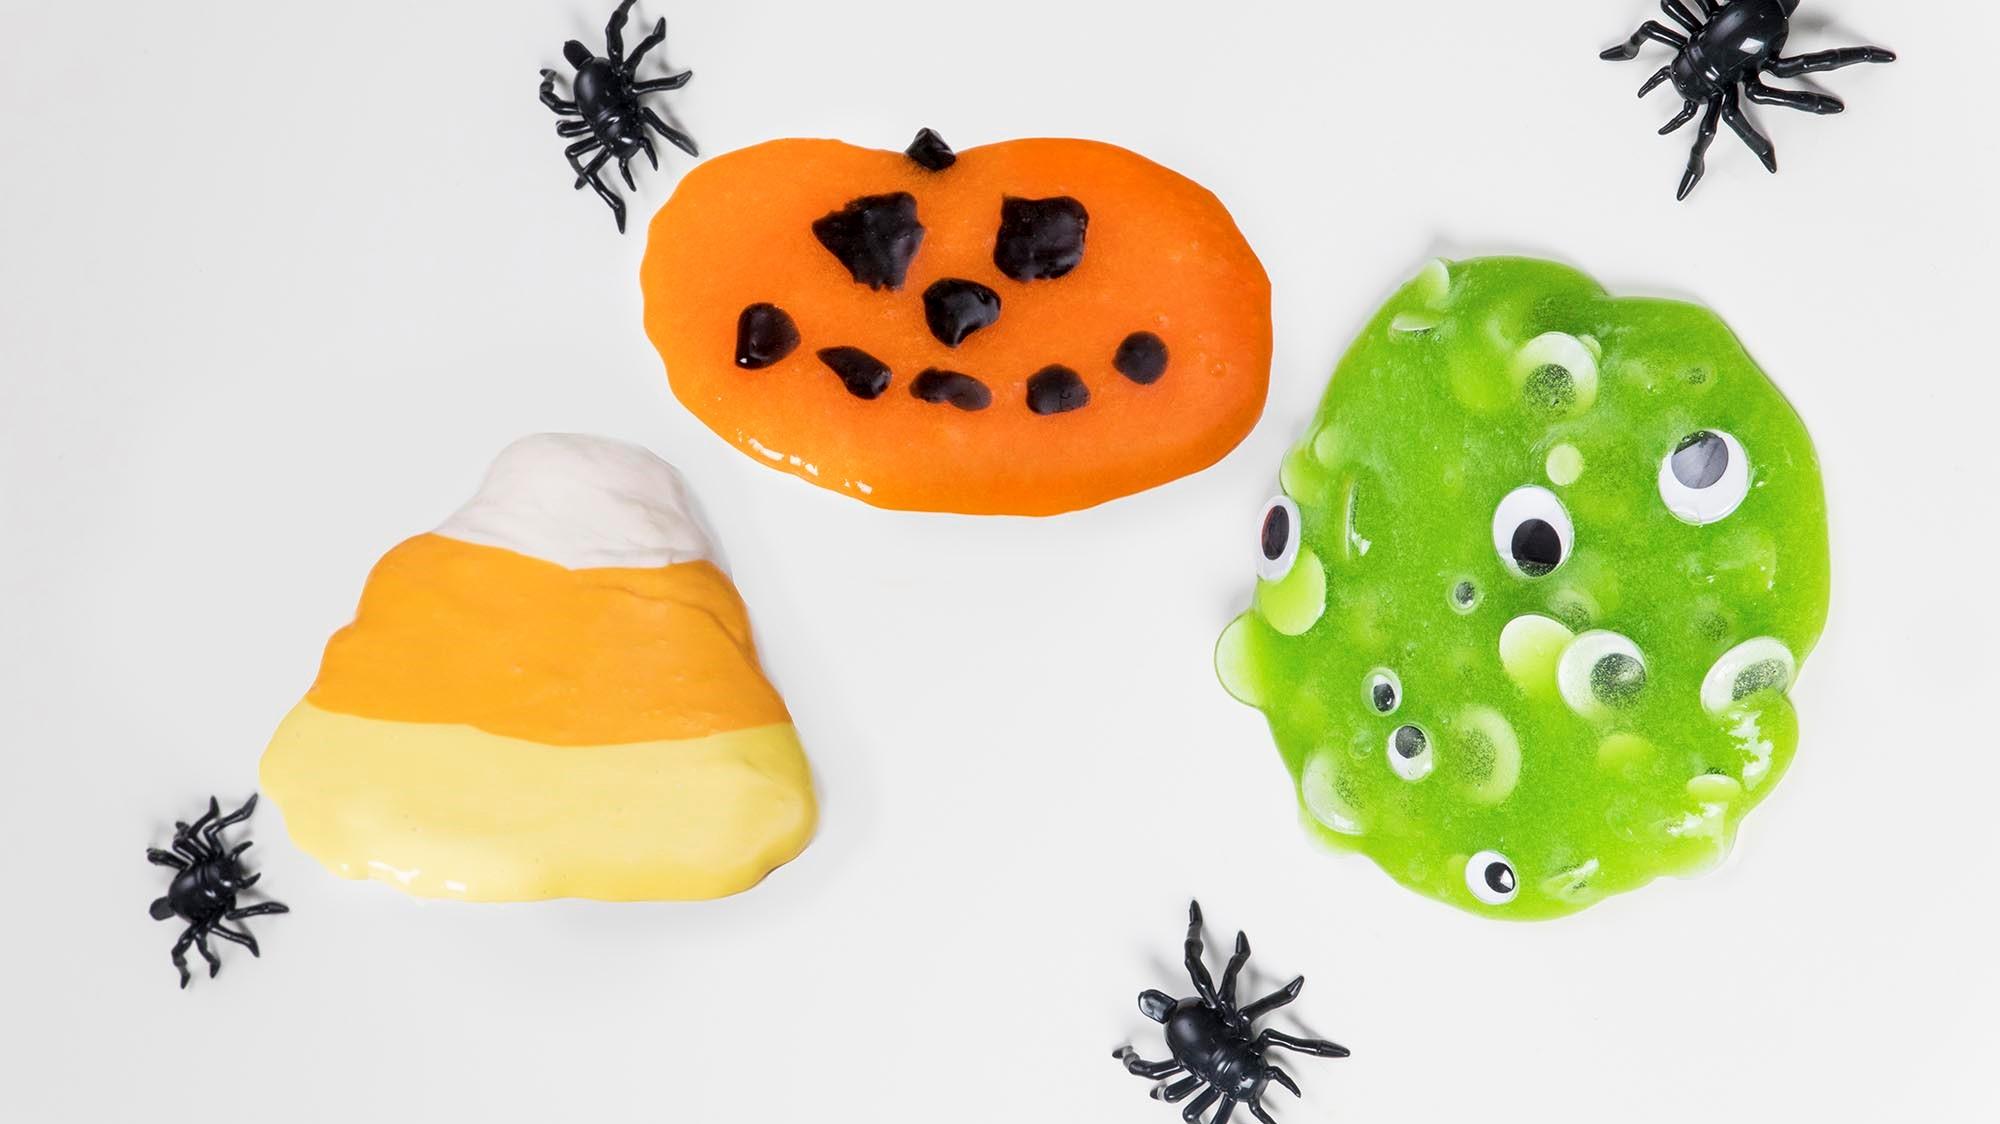 Tuto d'activité manuelle pour Halloween.